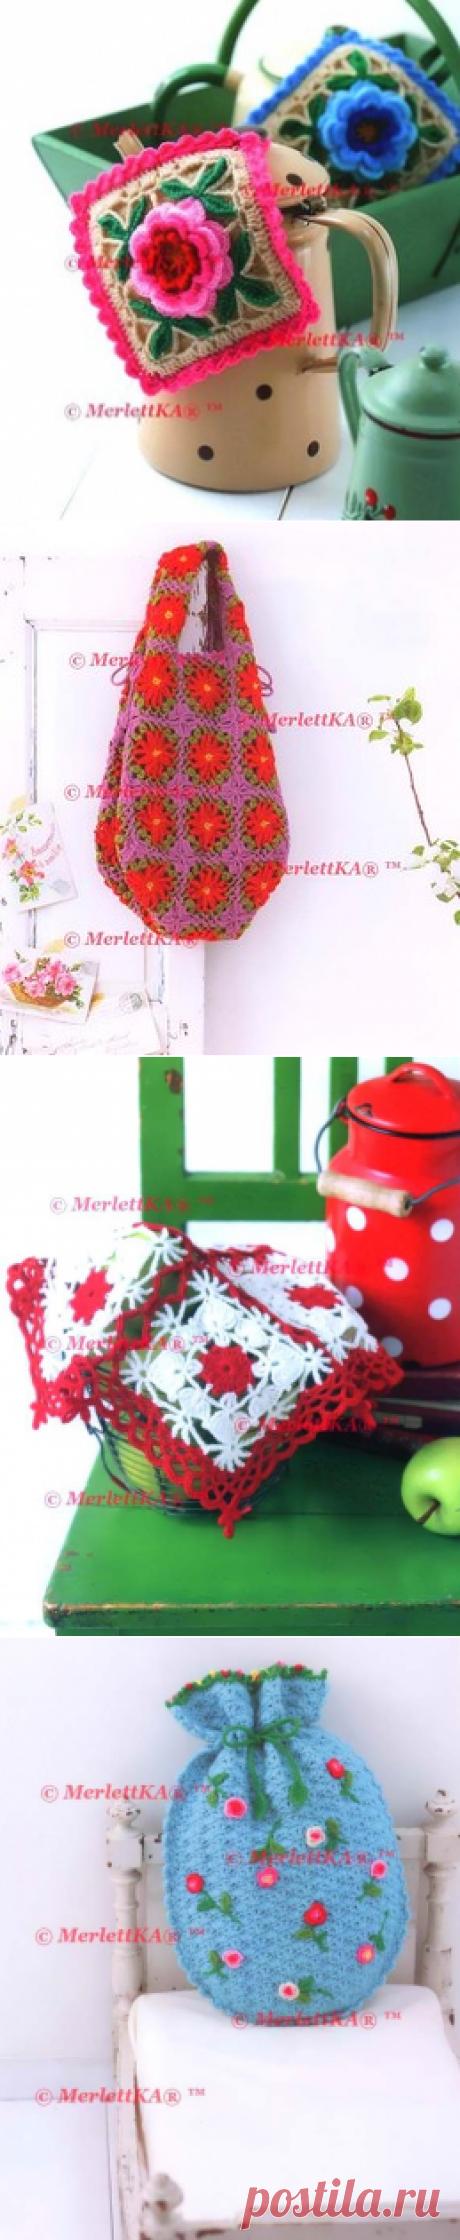 🍓 бабушкин квадрат, цветы и сумки